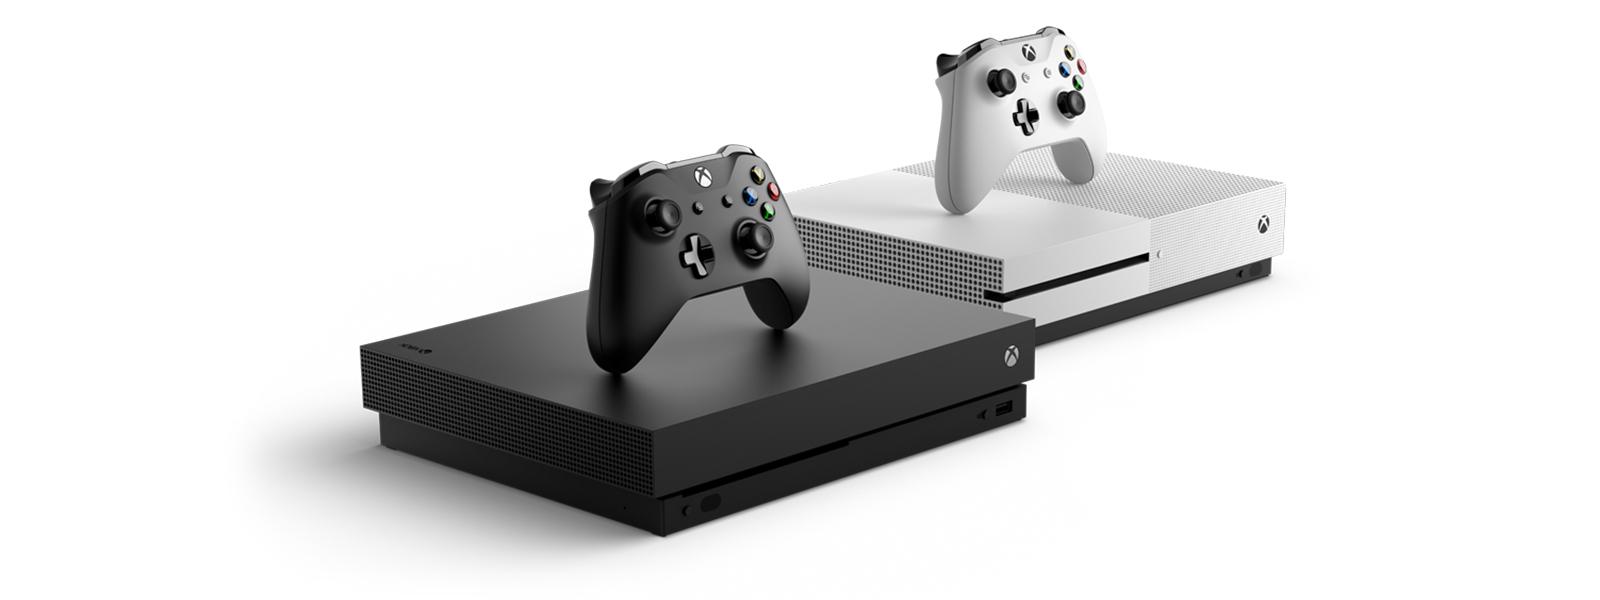 Xbox One X plus Xbox One S